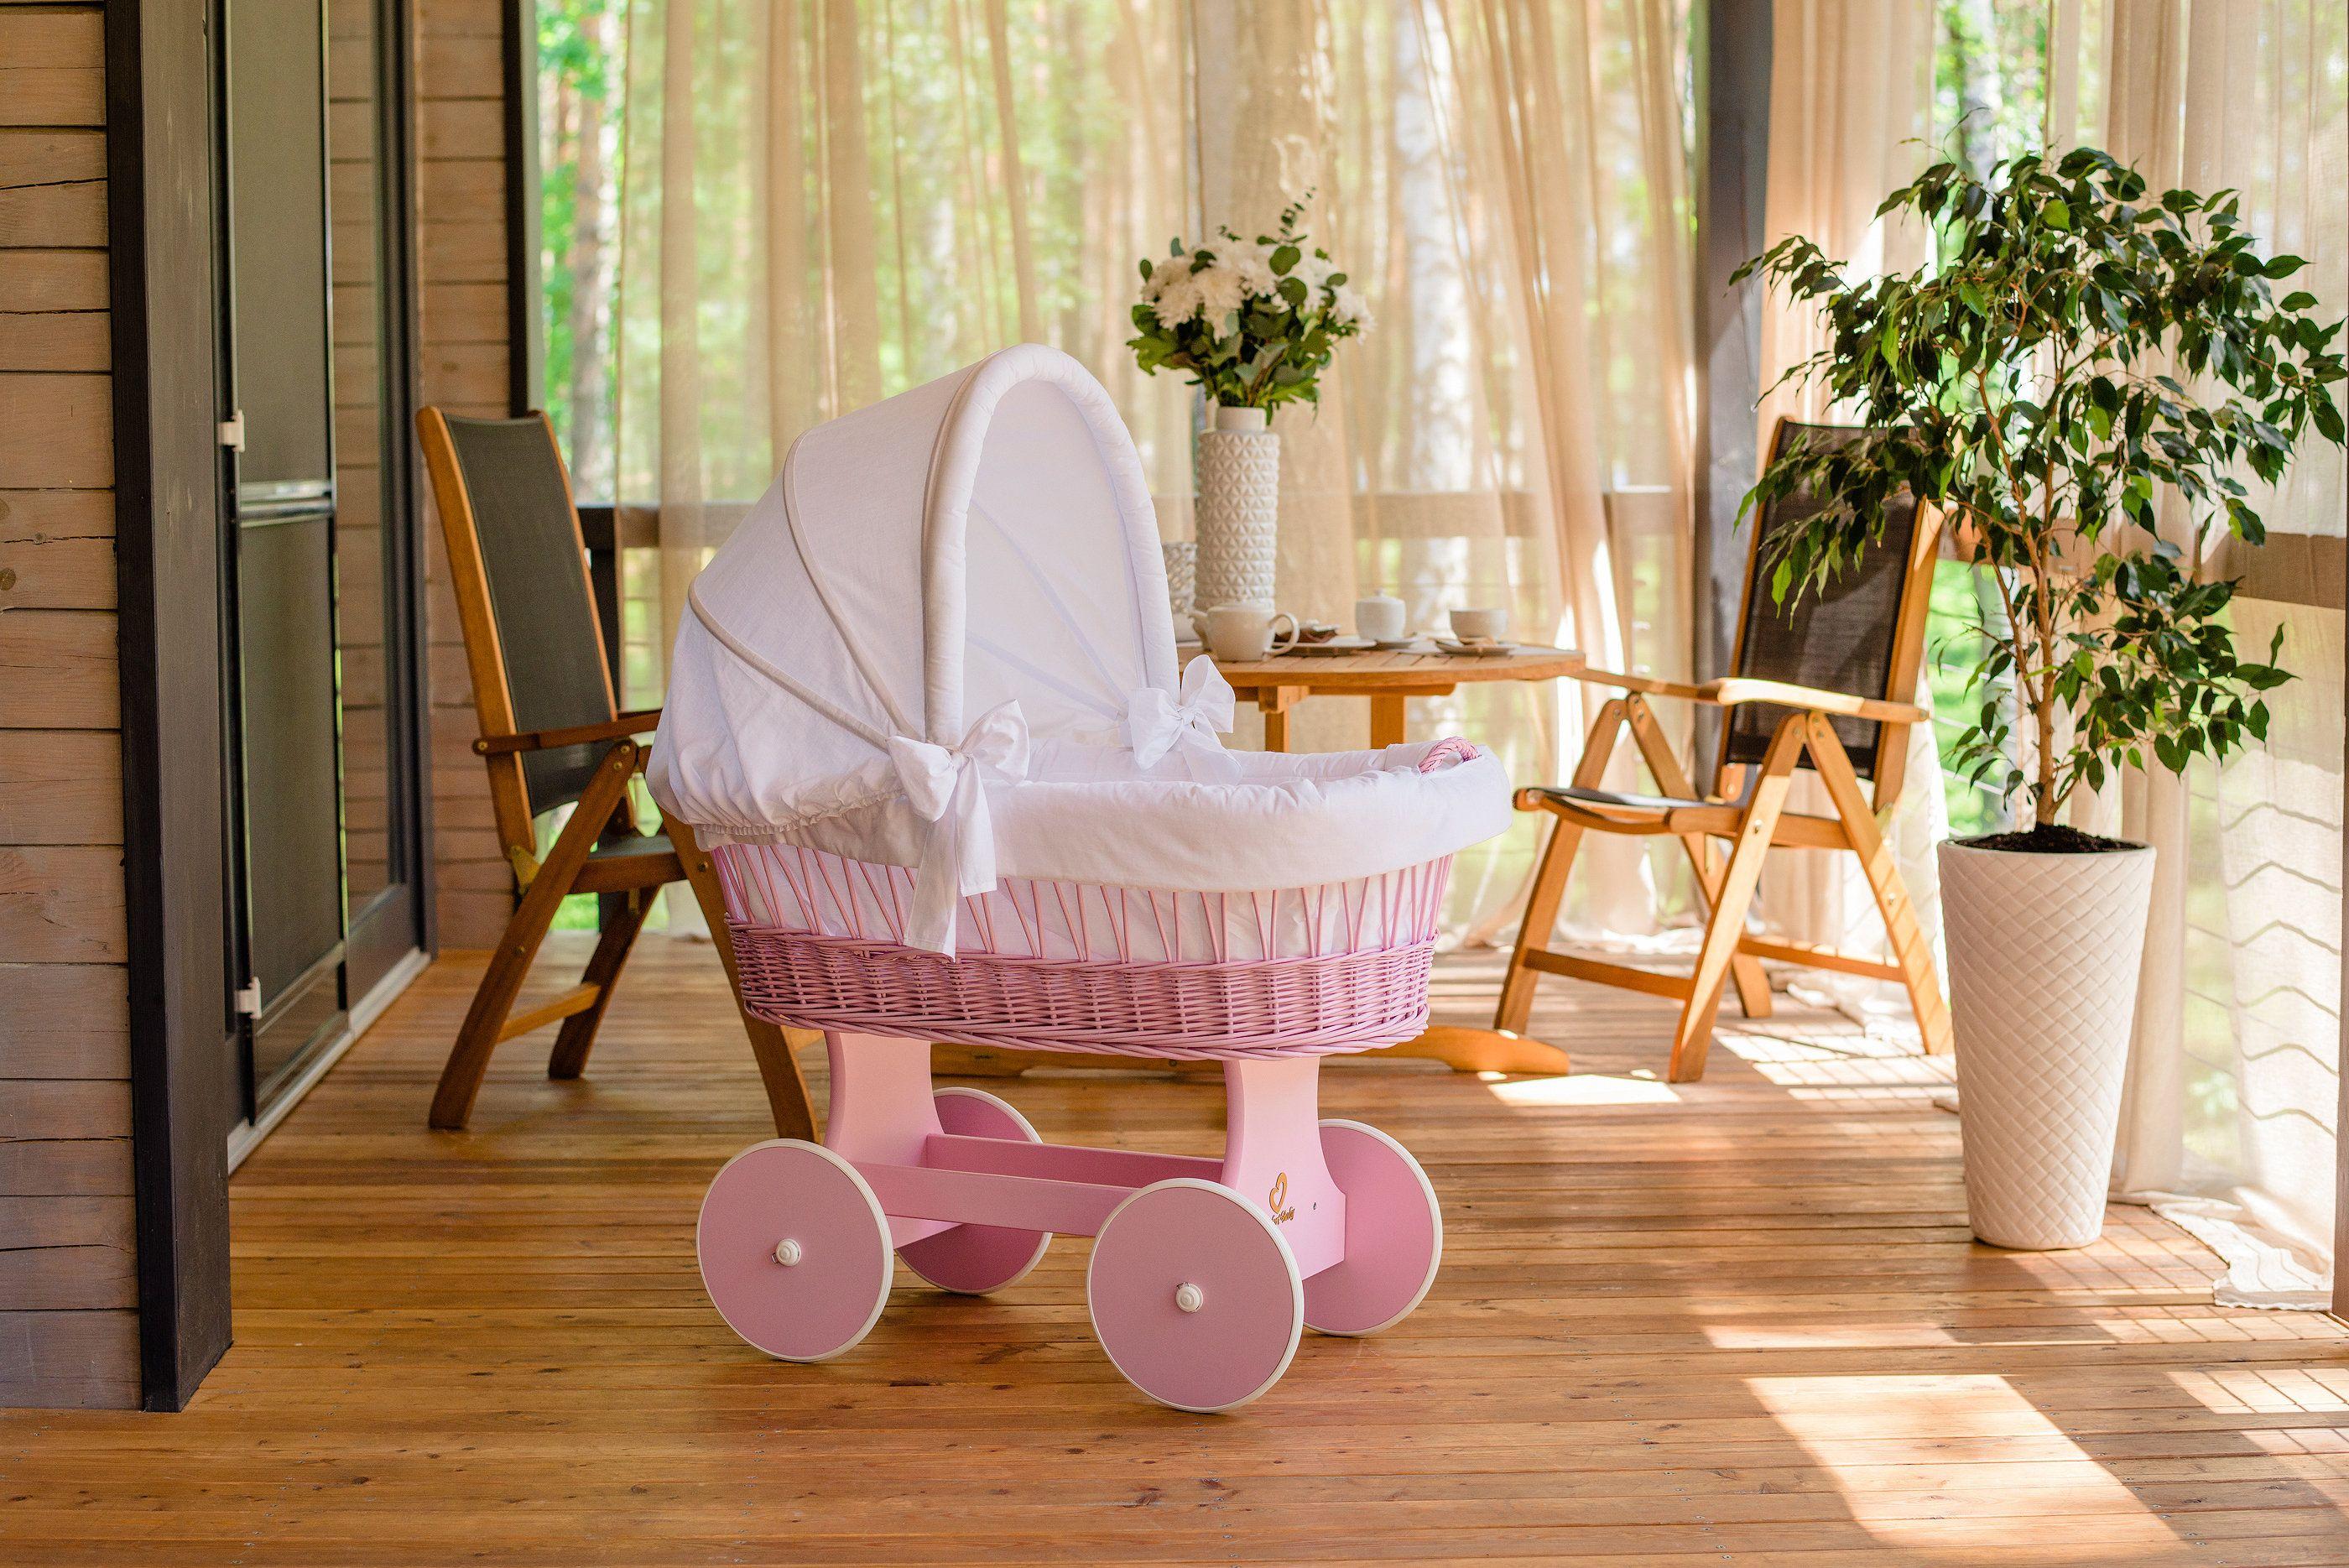 Baby stubenwagen snugly wood color pink including bed set white